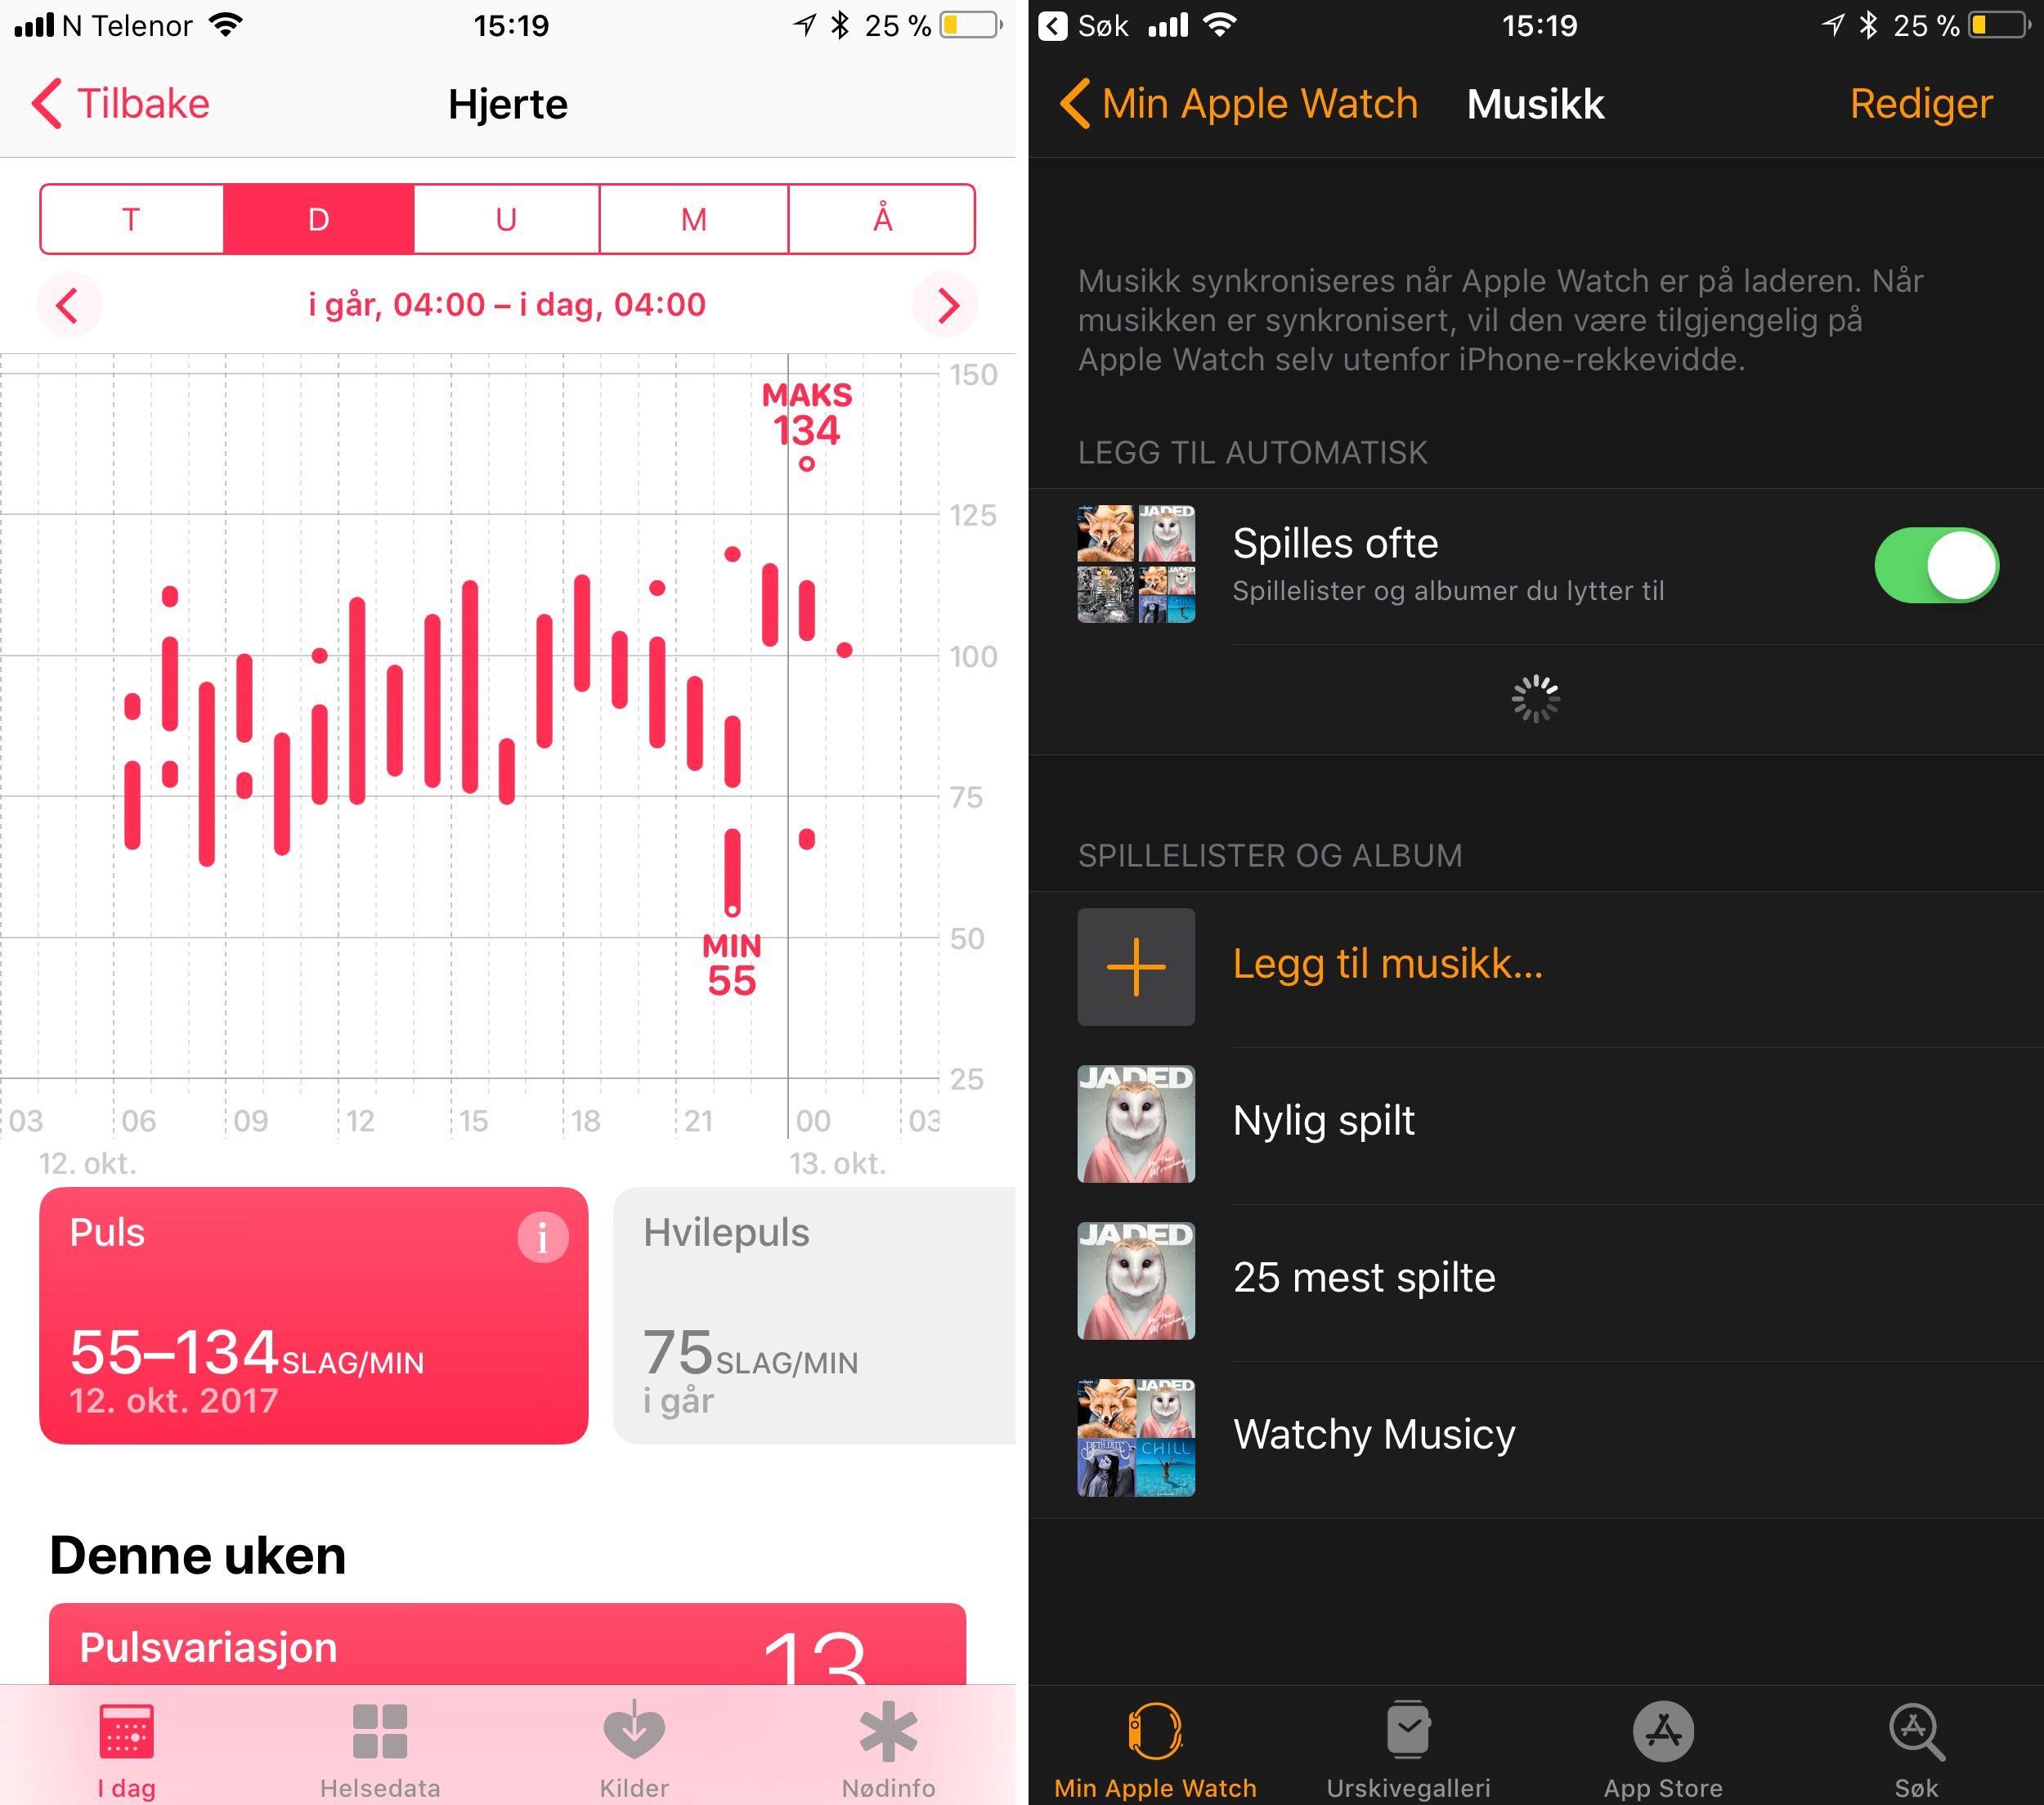 Apple Watch måler hjerteslag kontinuerlig gjennom dagen. Her har den fått en kjempelang arbeidsdag inkludert løpeturer for å rekke fly å jobbe med. Til høyre er menyen som lar deg overføre musikk til klokken. Denne er fortsatt litt kronglete, men over tid kan klokken styre det meste selv.